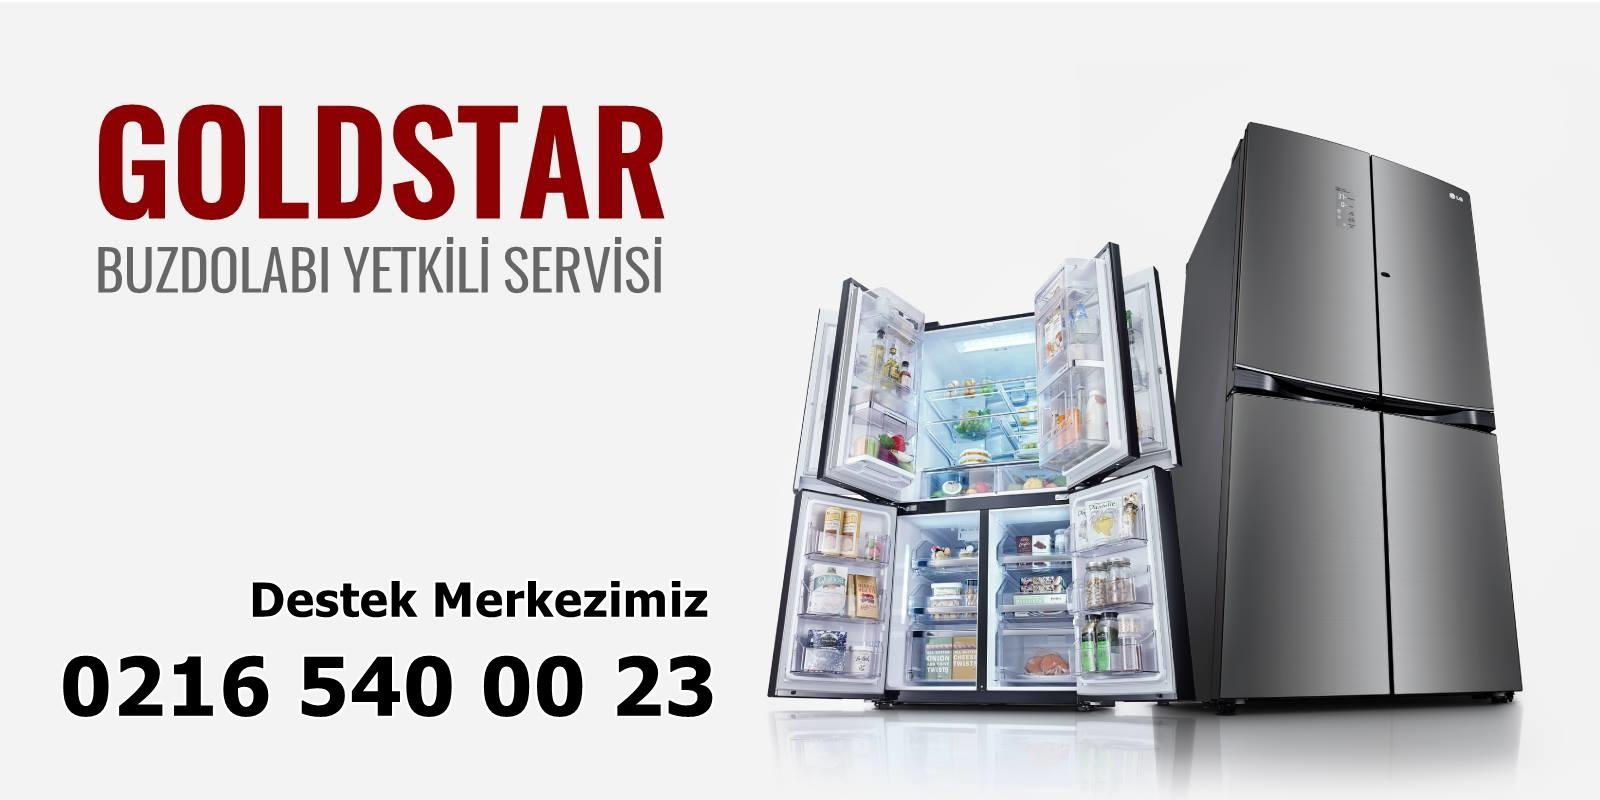 Kızıltoprak Goldstar Servisi